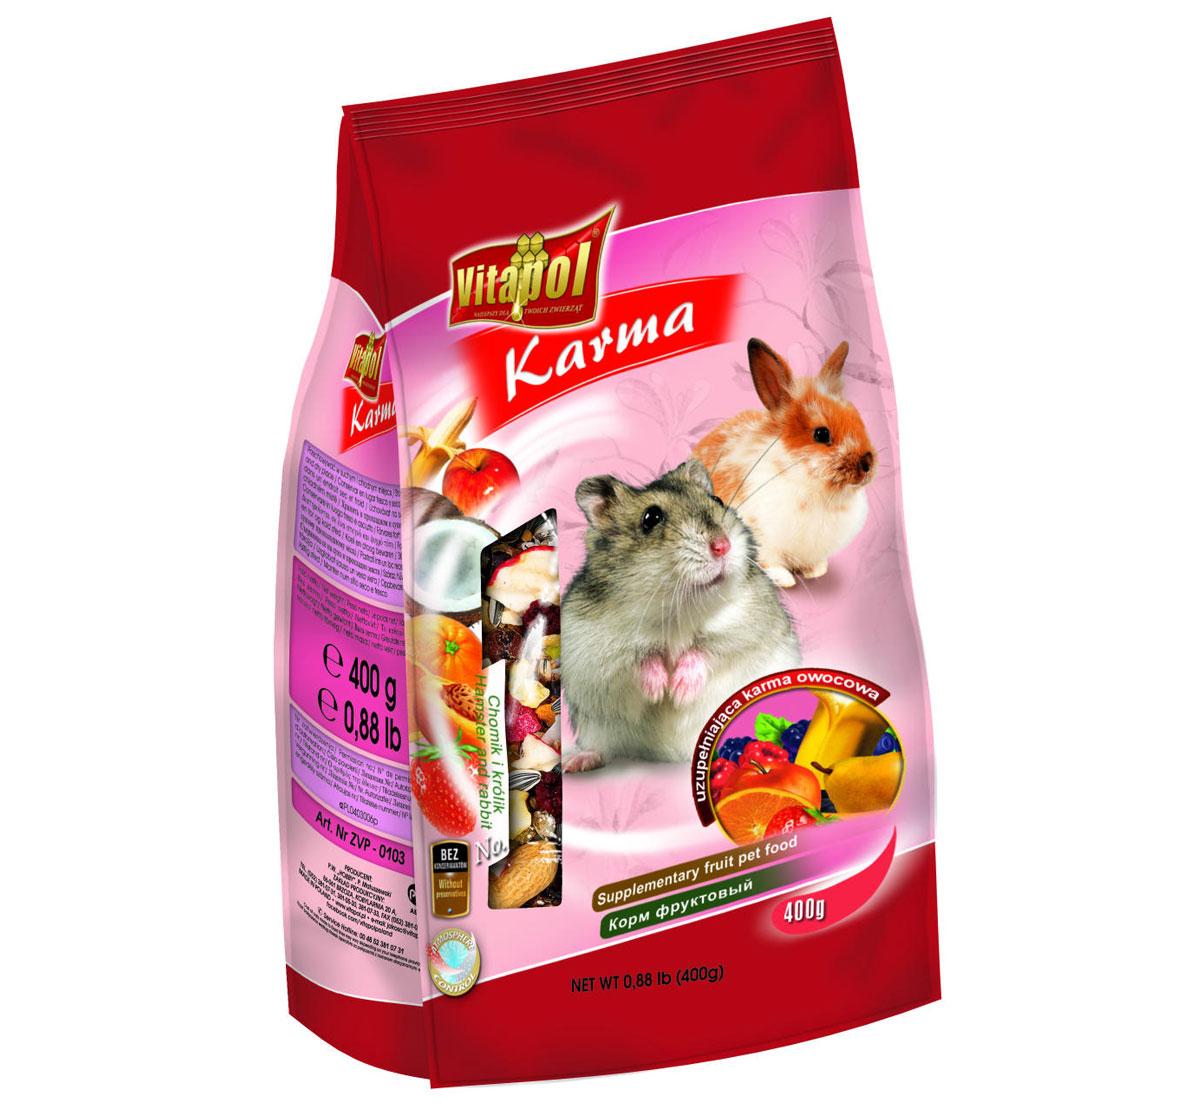 Vitapol Fruit Food For Hamster Food -400 Gms